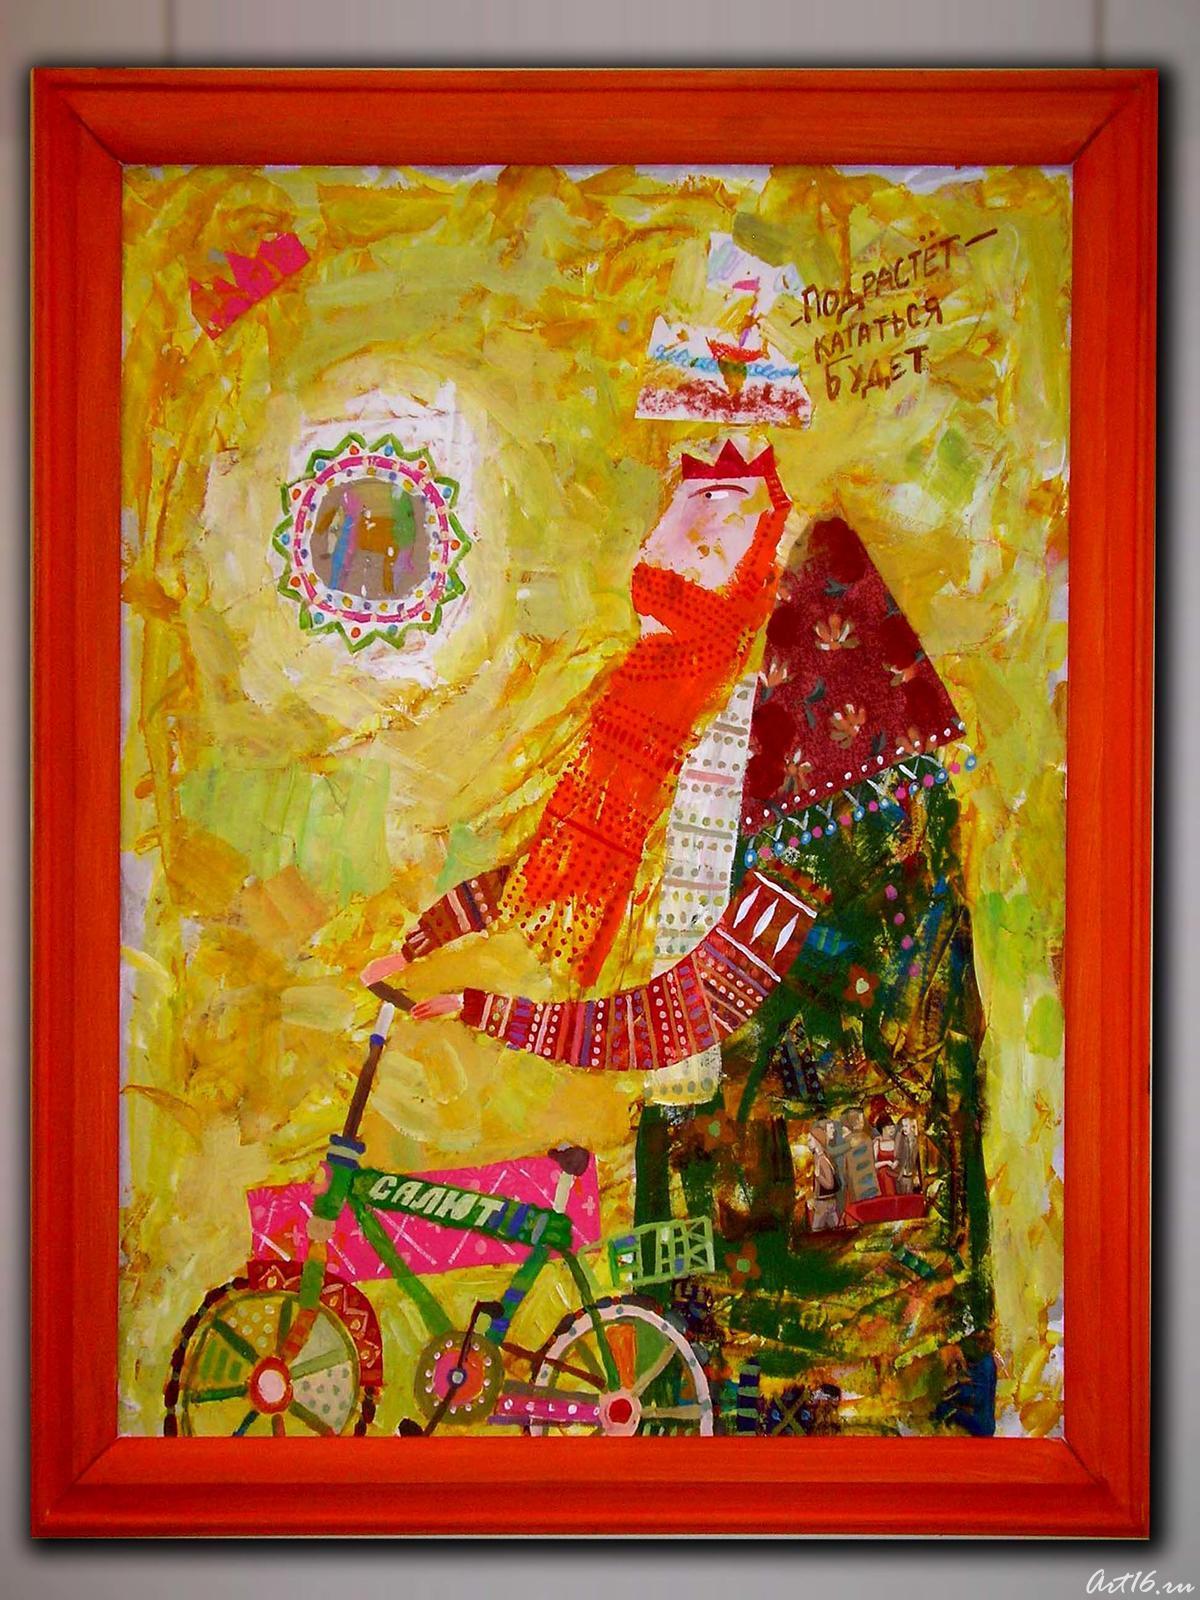 Фото №2499. Покалёв Максим «Волхвы» 2007, триптих